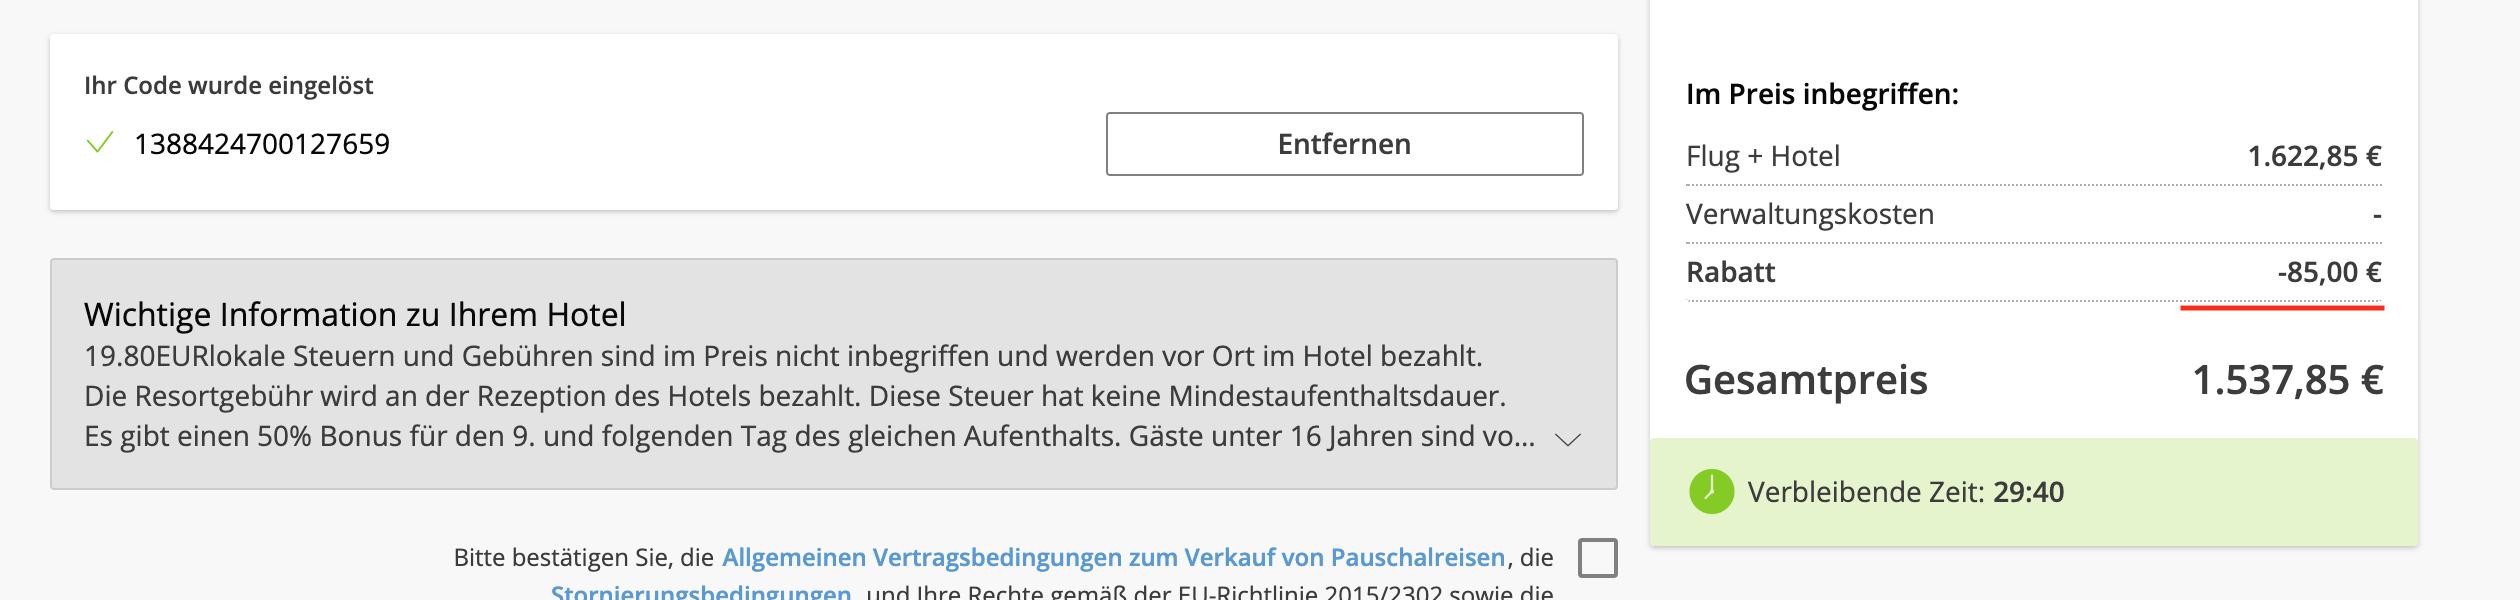 Lastminute.de Gutschein Flug+Hotel2